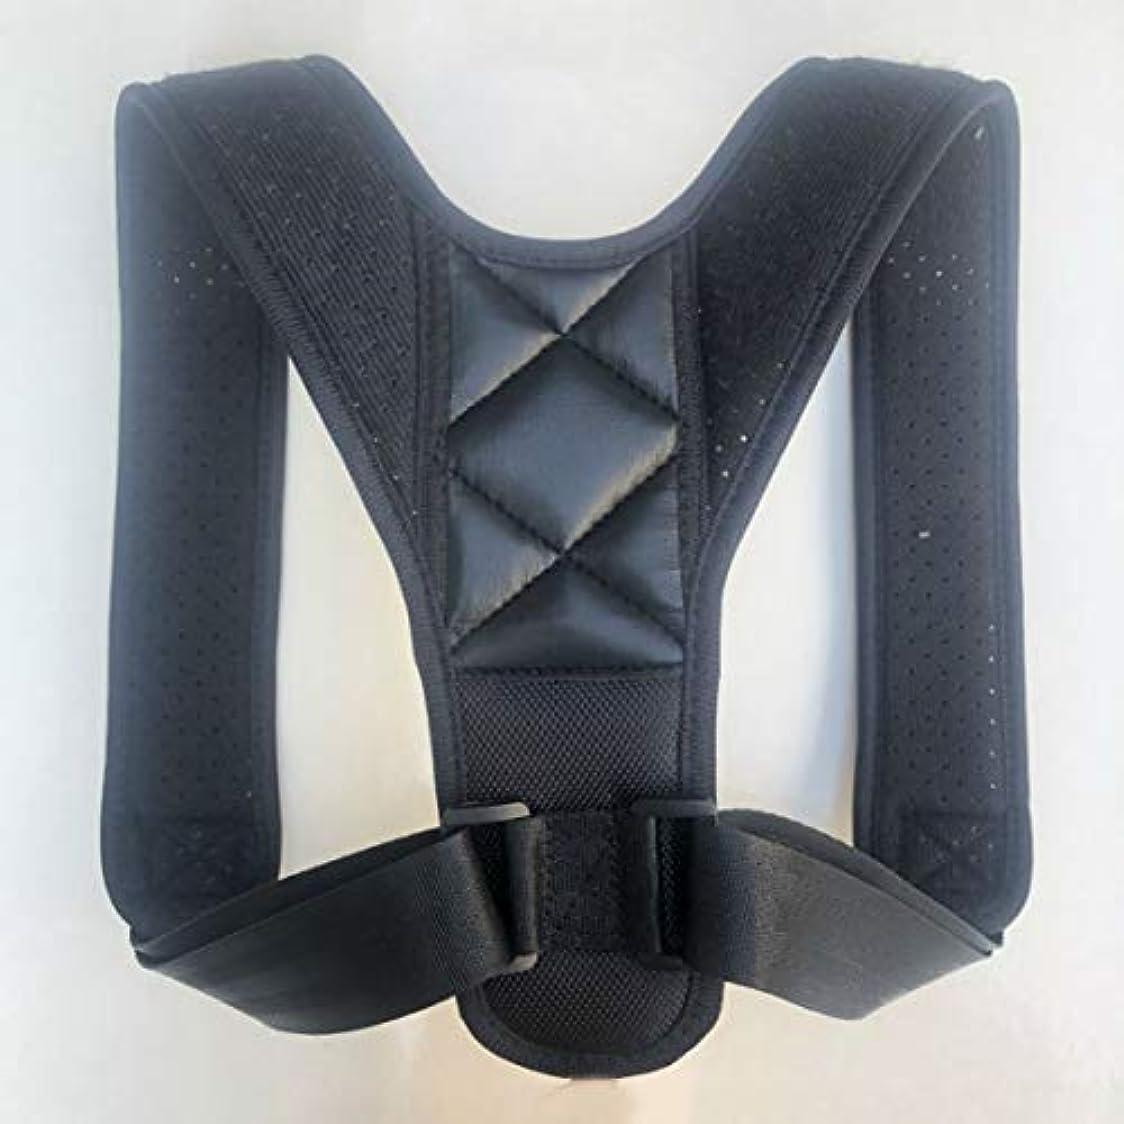 ナサニエル区区防止アッパーバックポスチャーコレクター姿勢鎖骨サポートコレクターバックストレートショルダーブレースストラップコレクター - ブラック